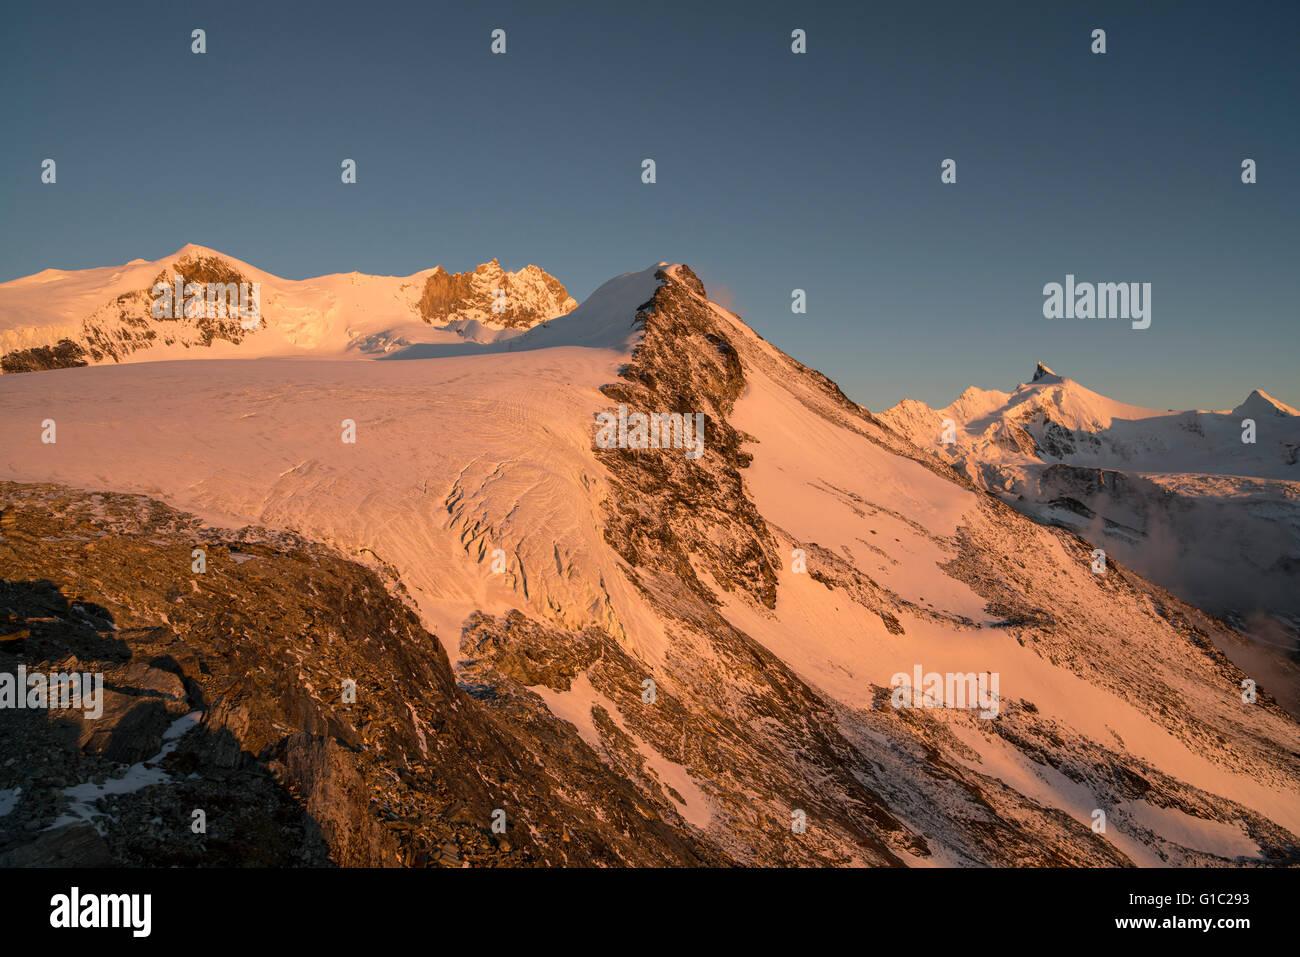 Tete de Milon und Turtmanngletscher von der Tracuithütte aus gesehen im Abendlicht. Sundown in the mountains - Stock Image